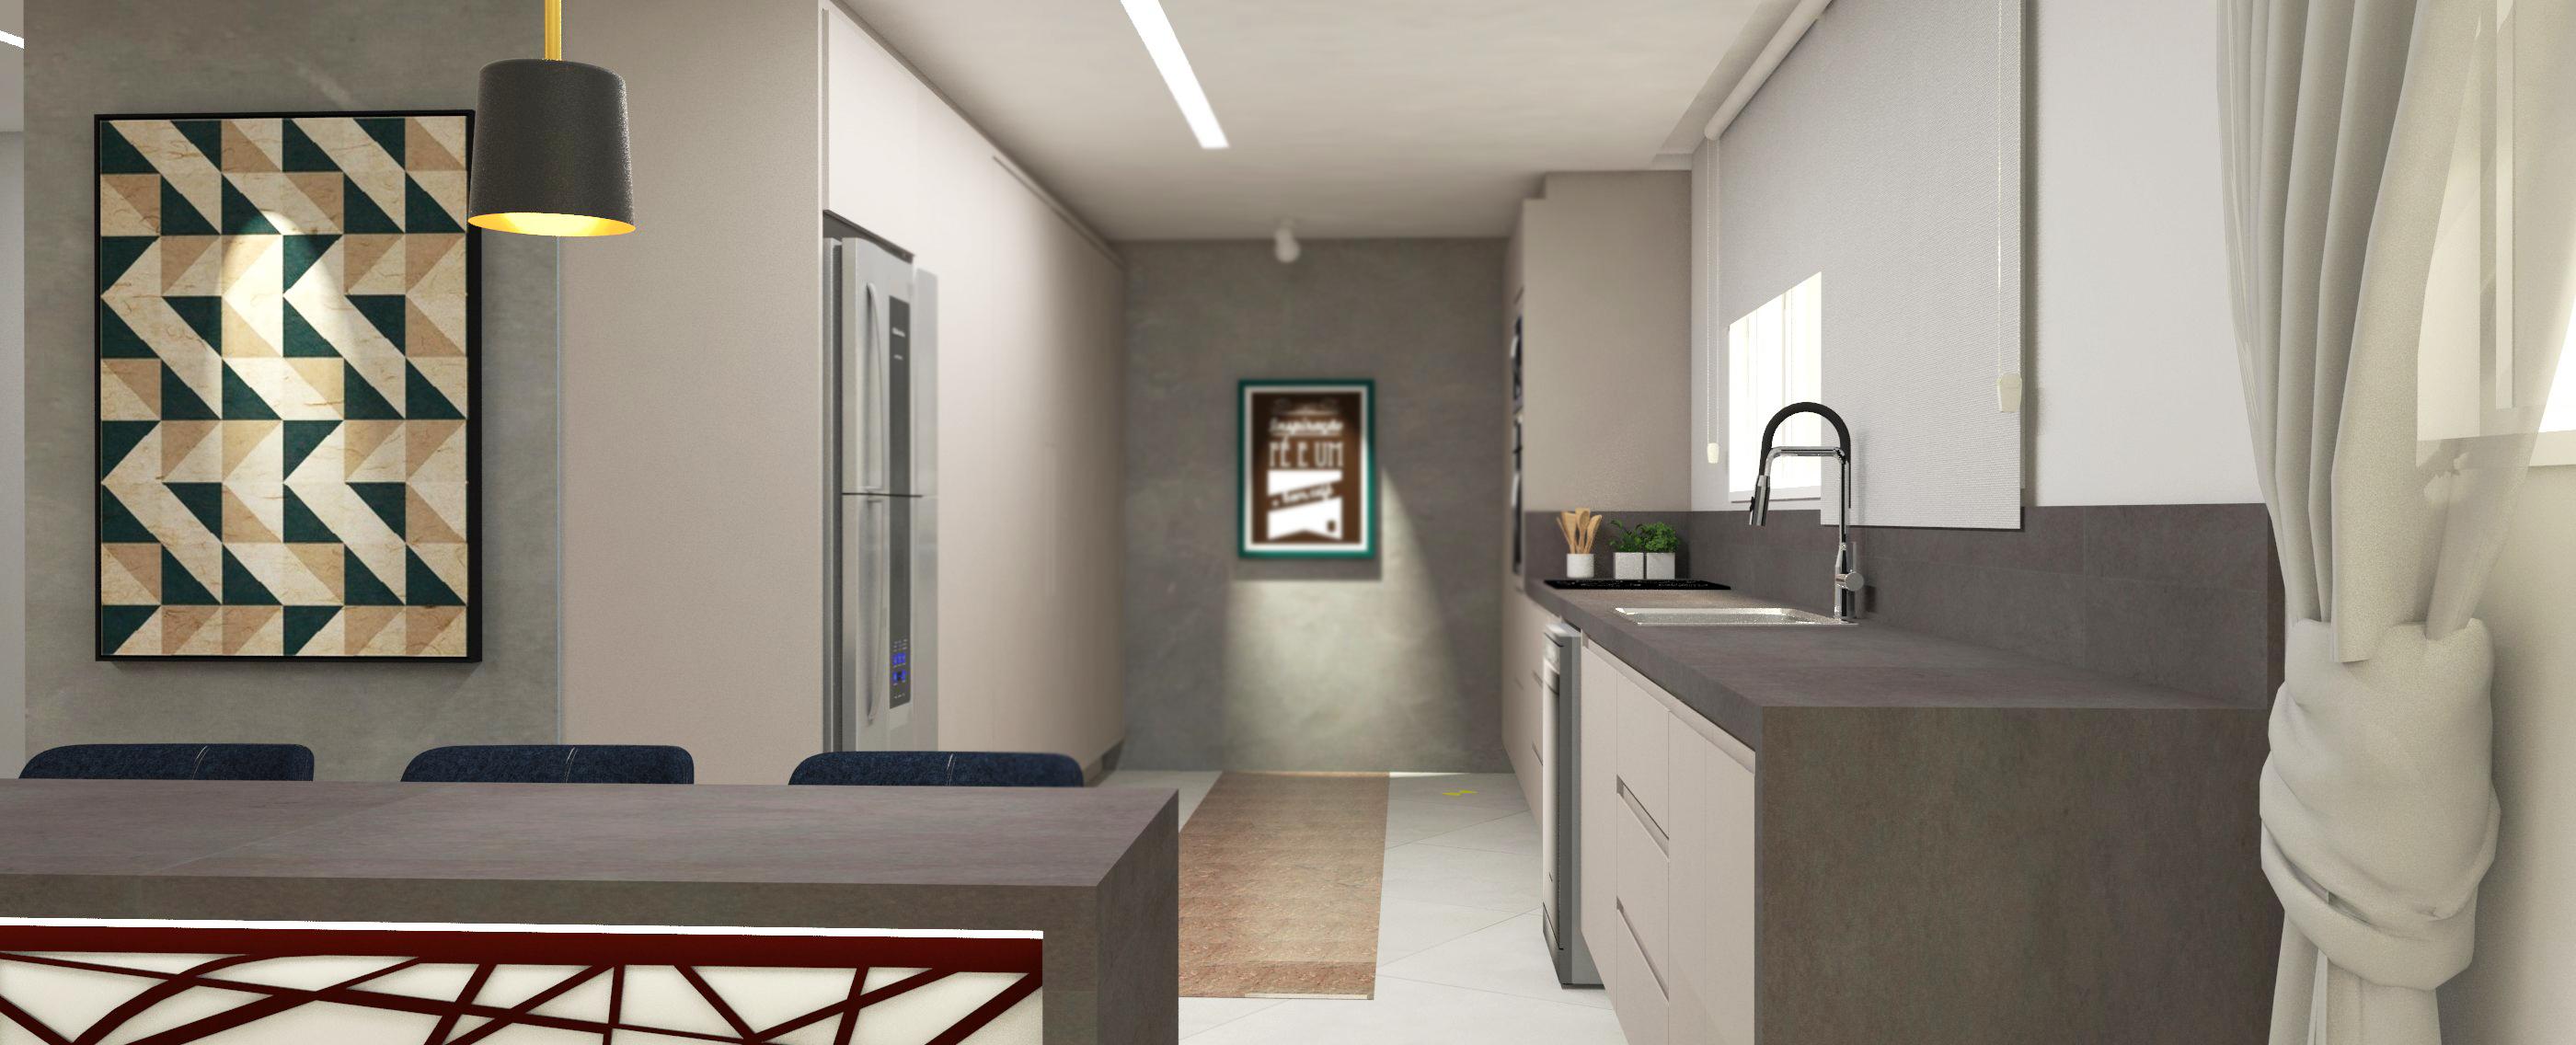 Projeto de cozinha moderna -minimalista para casa em curitiba - estudio murilo zadulski interiores - design em curitiba 0205